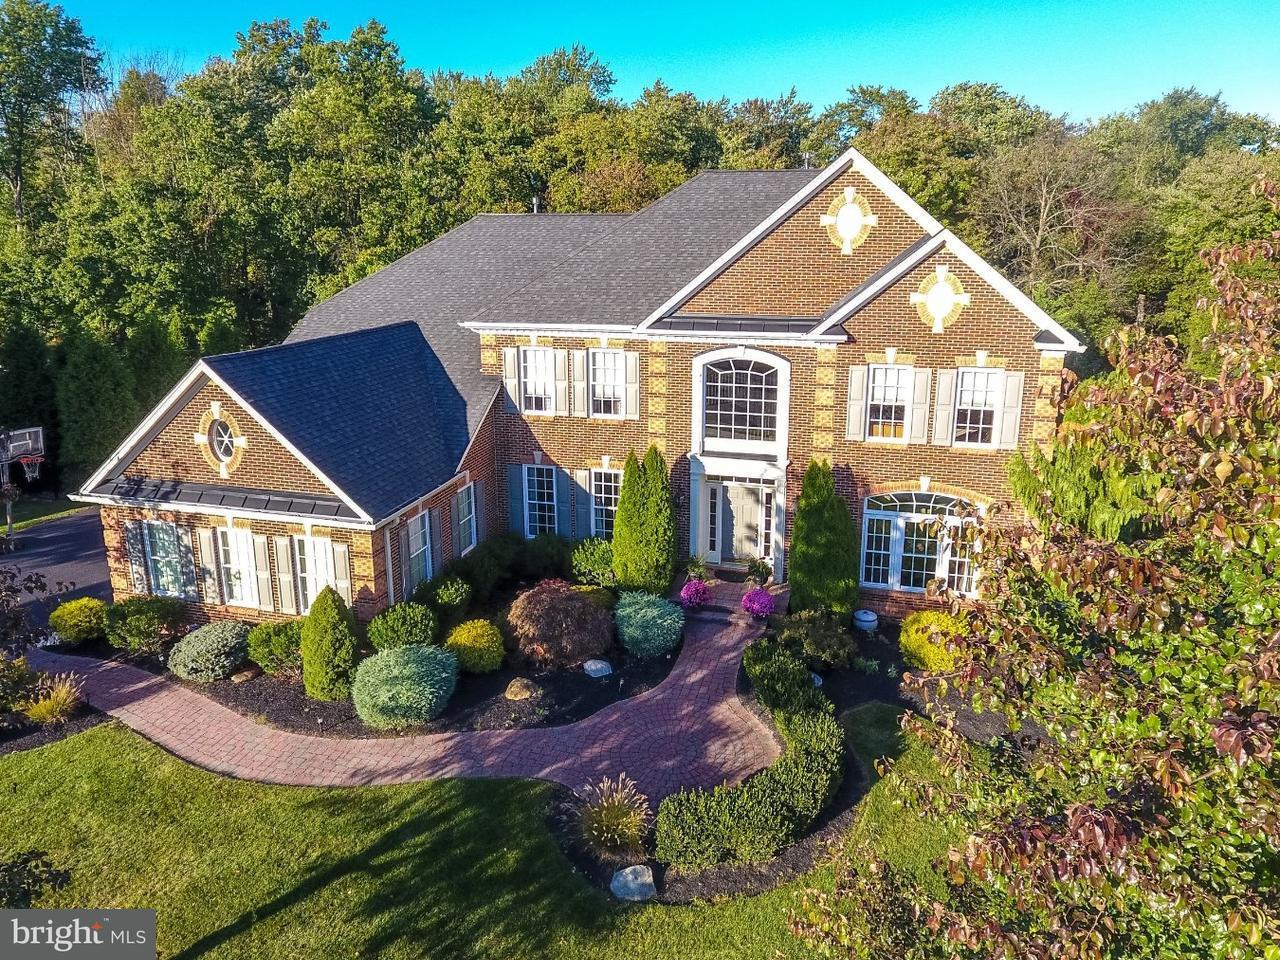 独户住宅 为 销售 在 2103 ASHTON Drive 贾米森, 宾夕法尼亚州 18929 美国